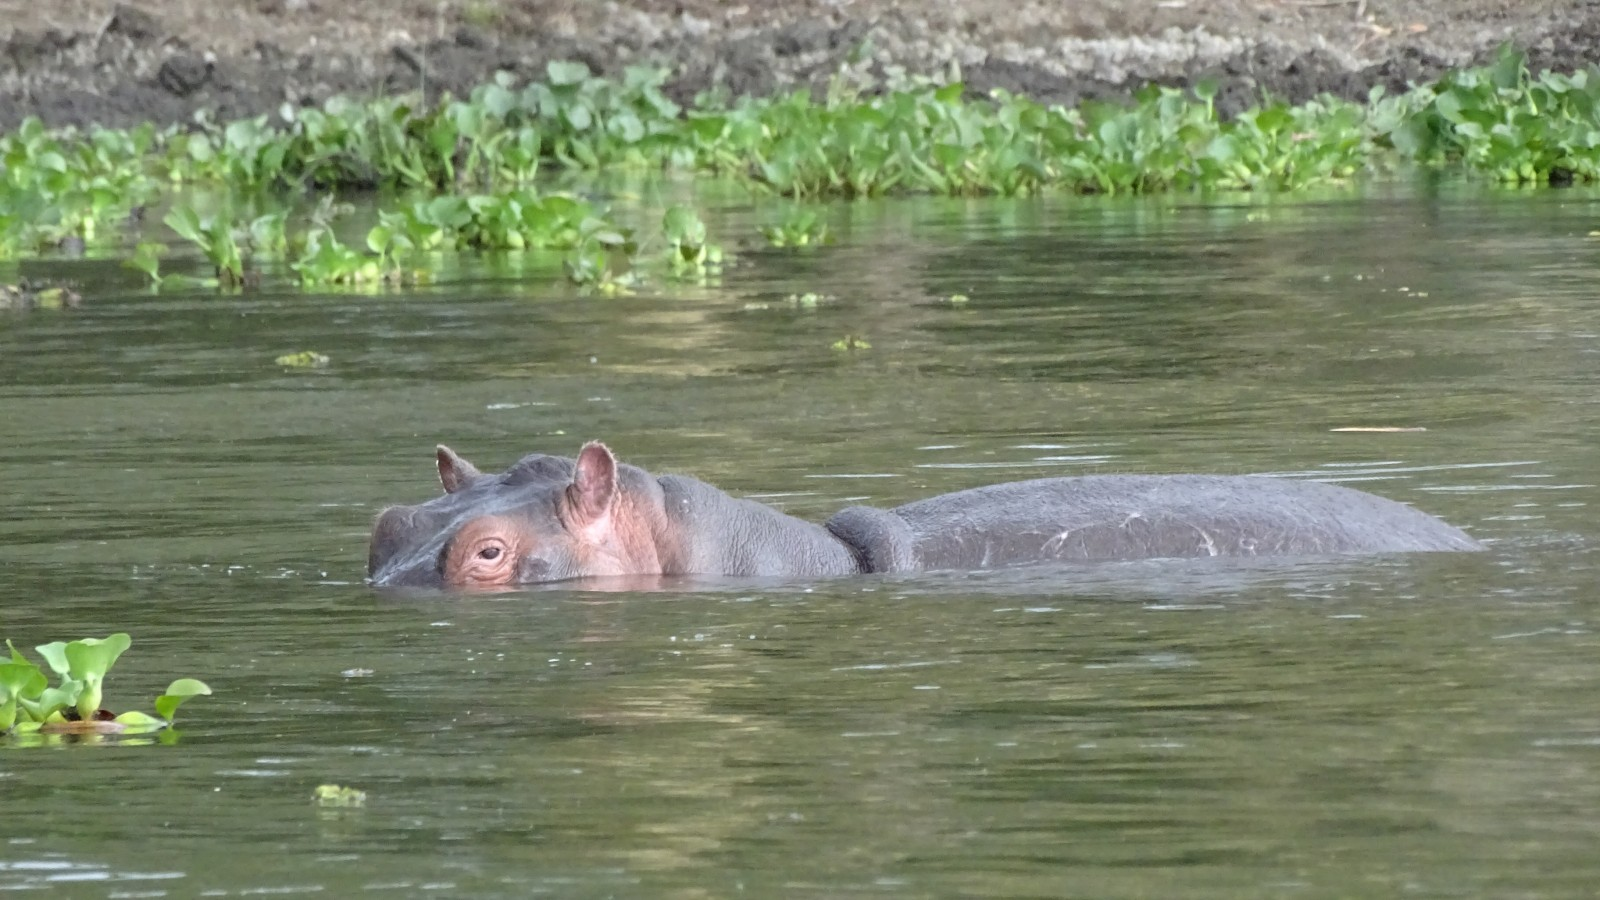 Hippos in Naivasha Kenya